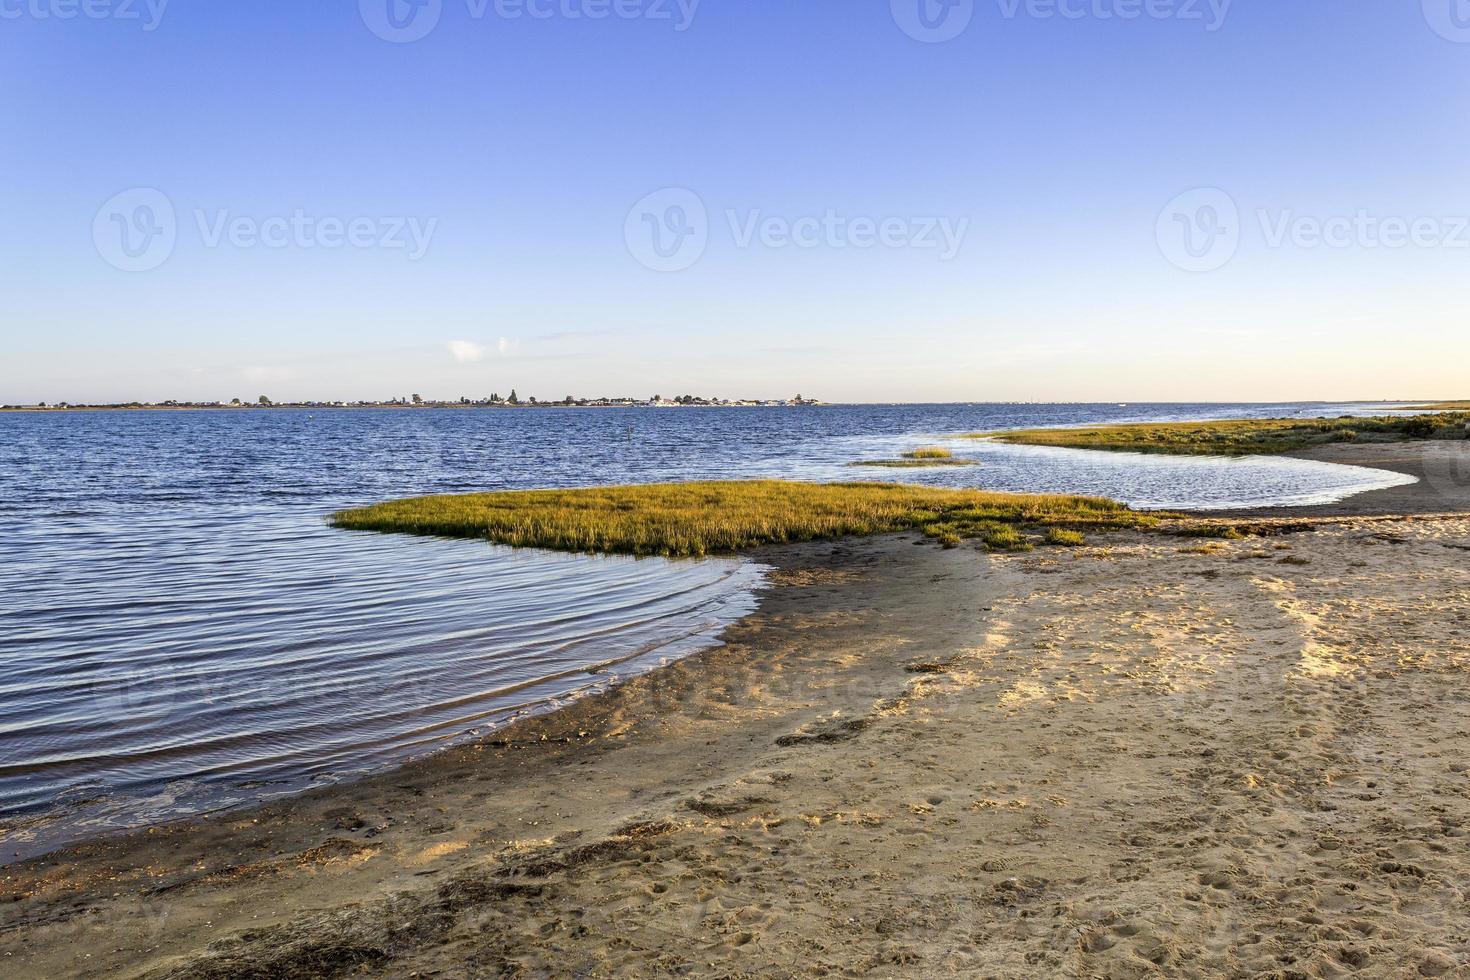 Algarve Cavacos beach twilight landscape at Ria Formosa wetlands photo